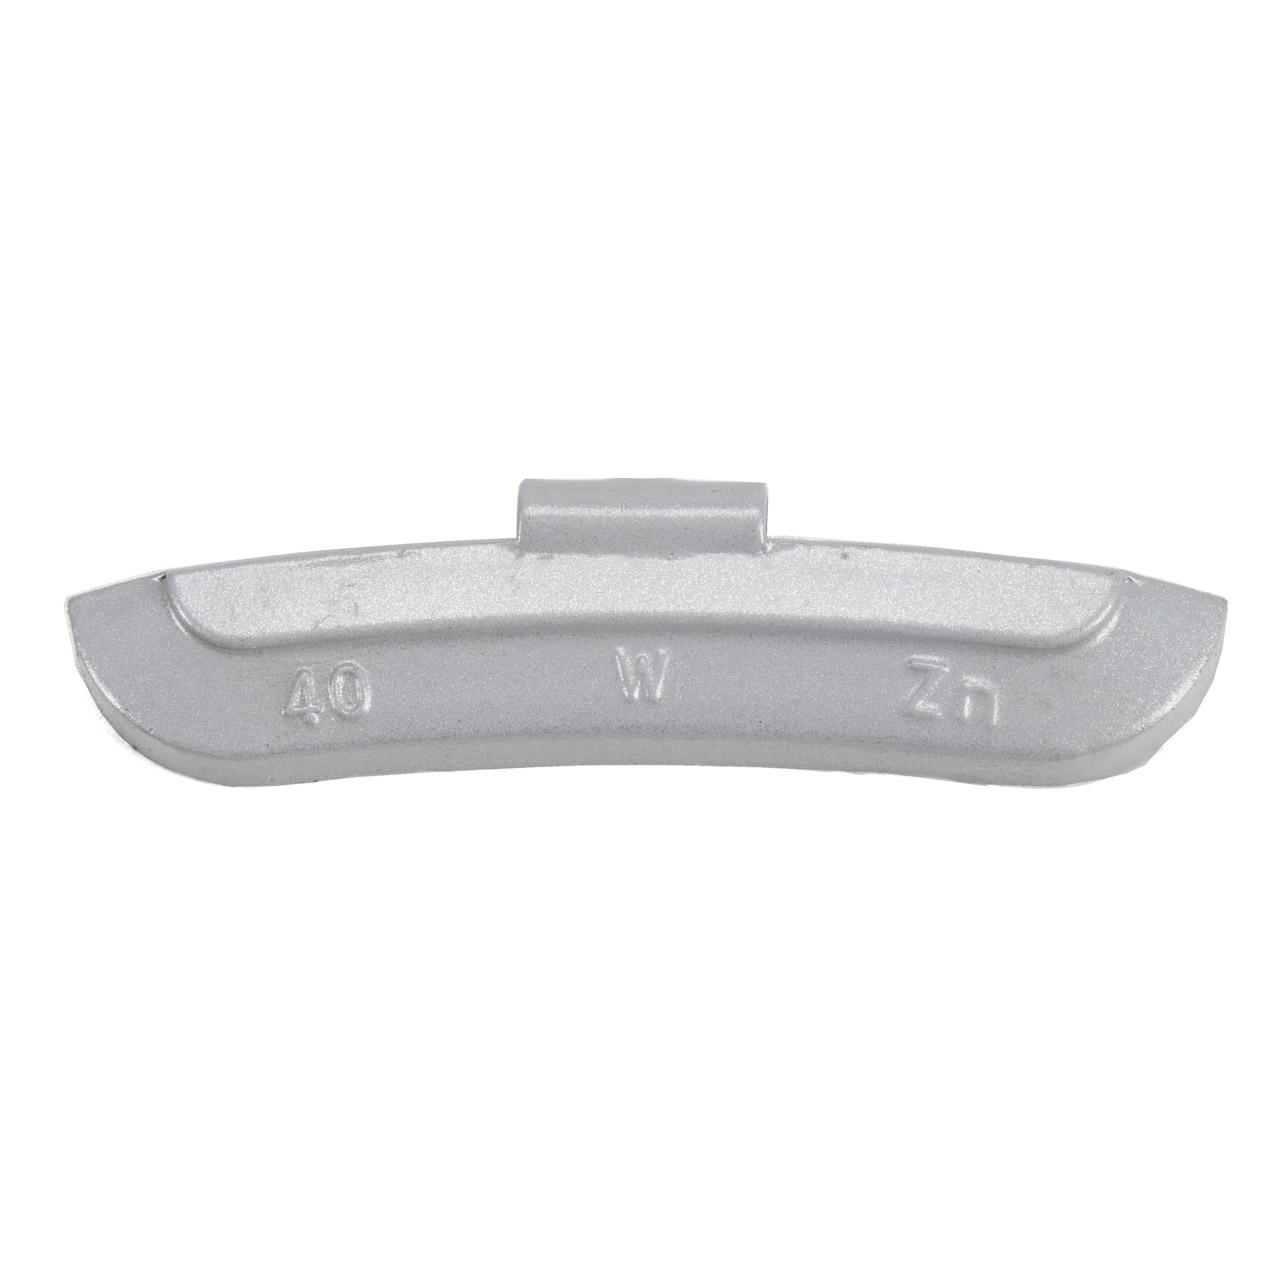 GEMATIC Auswuchtgewicht Schlaggewicht für Stahlfelge GRAU-ZINK 50 Stück x 40g